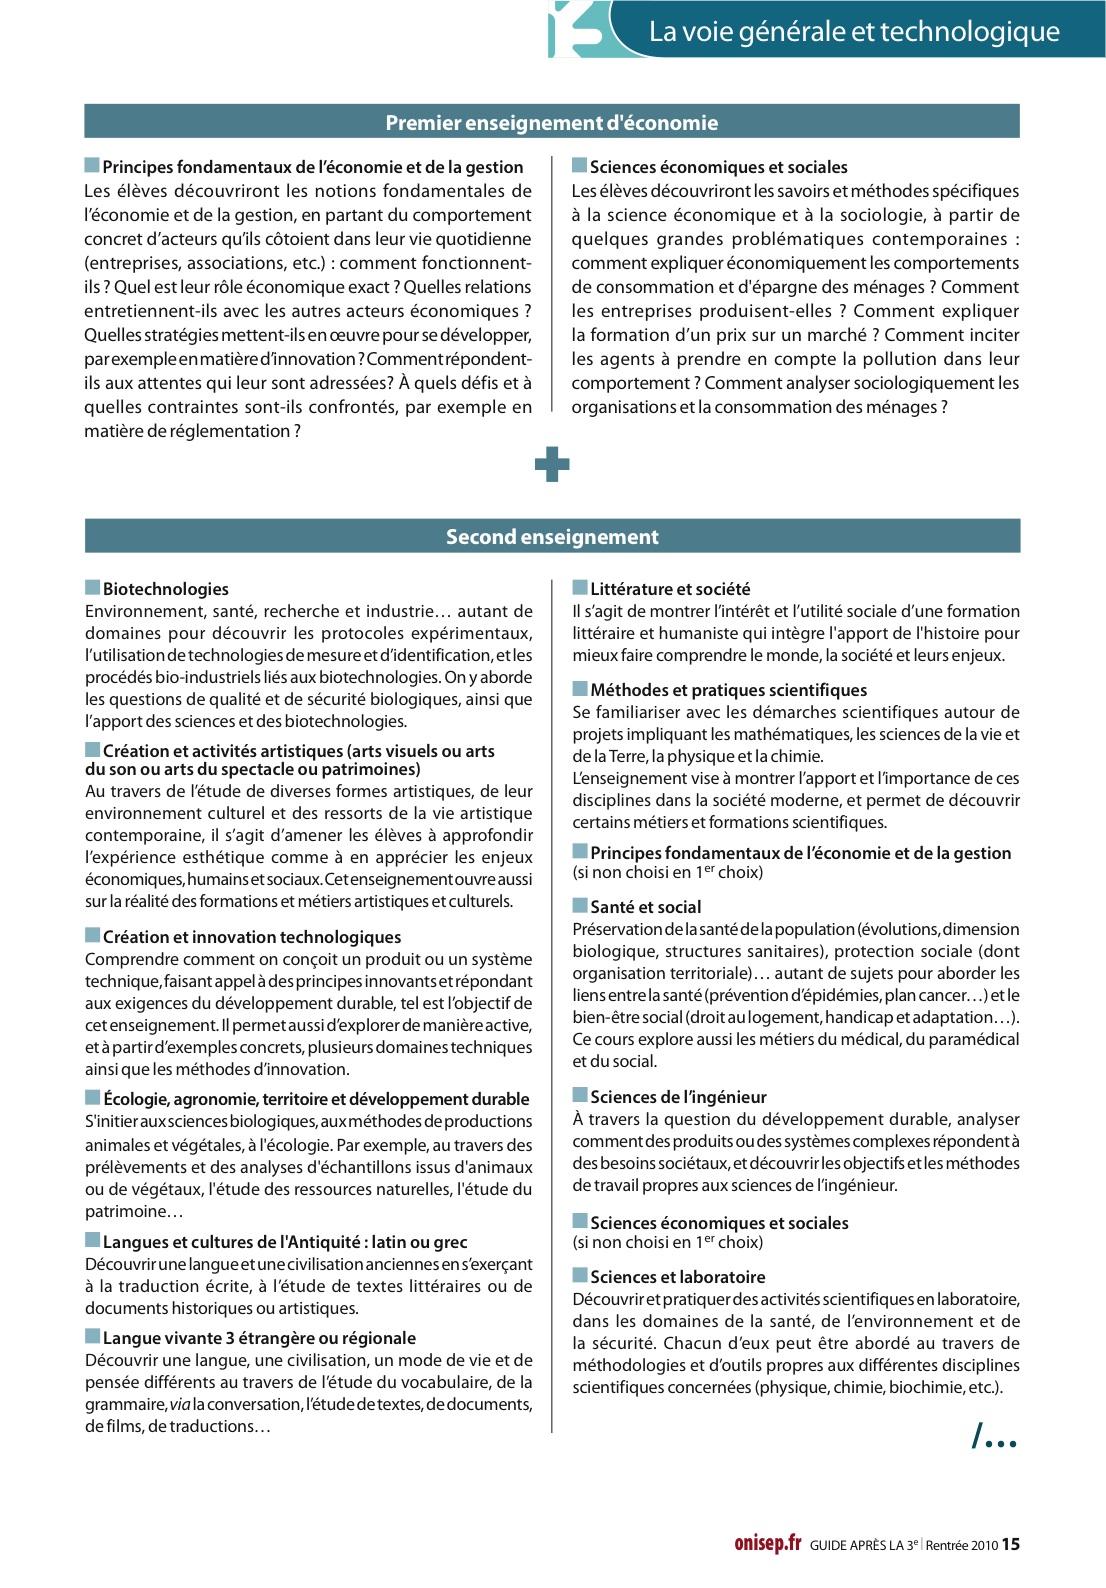 Onisep 2